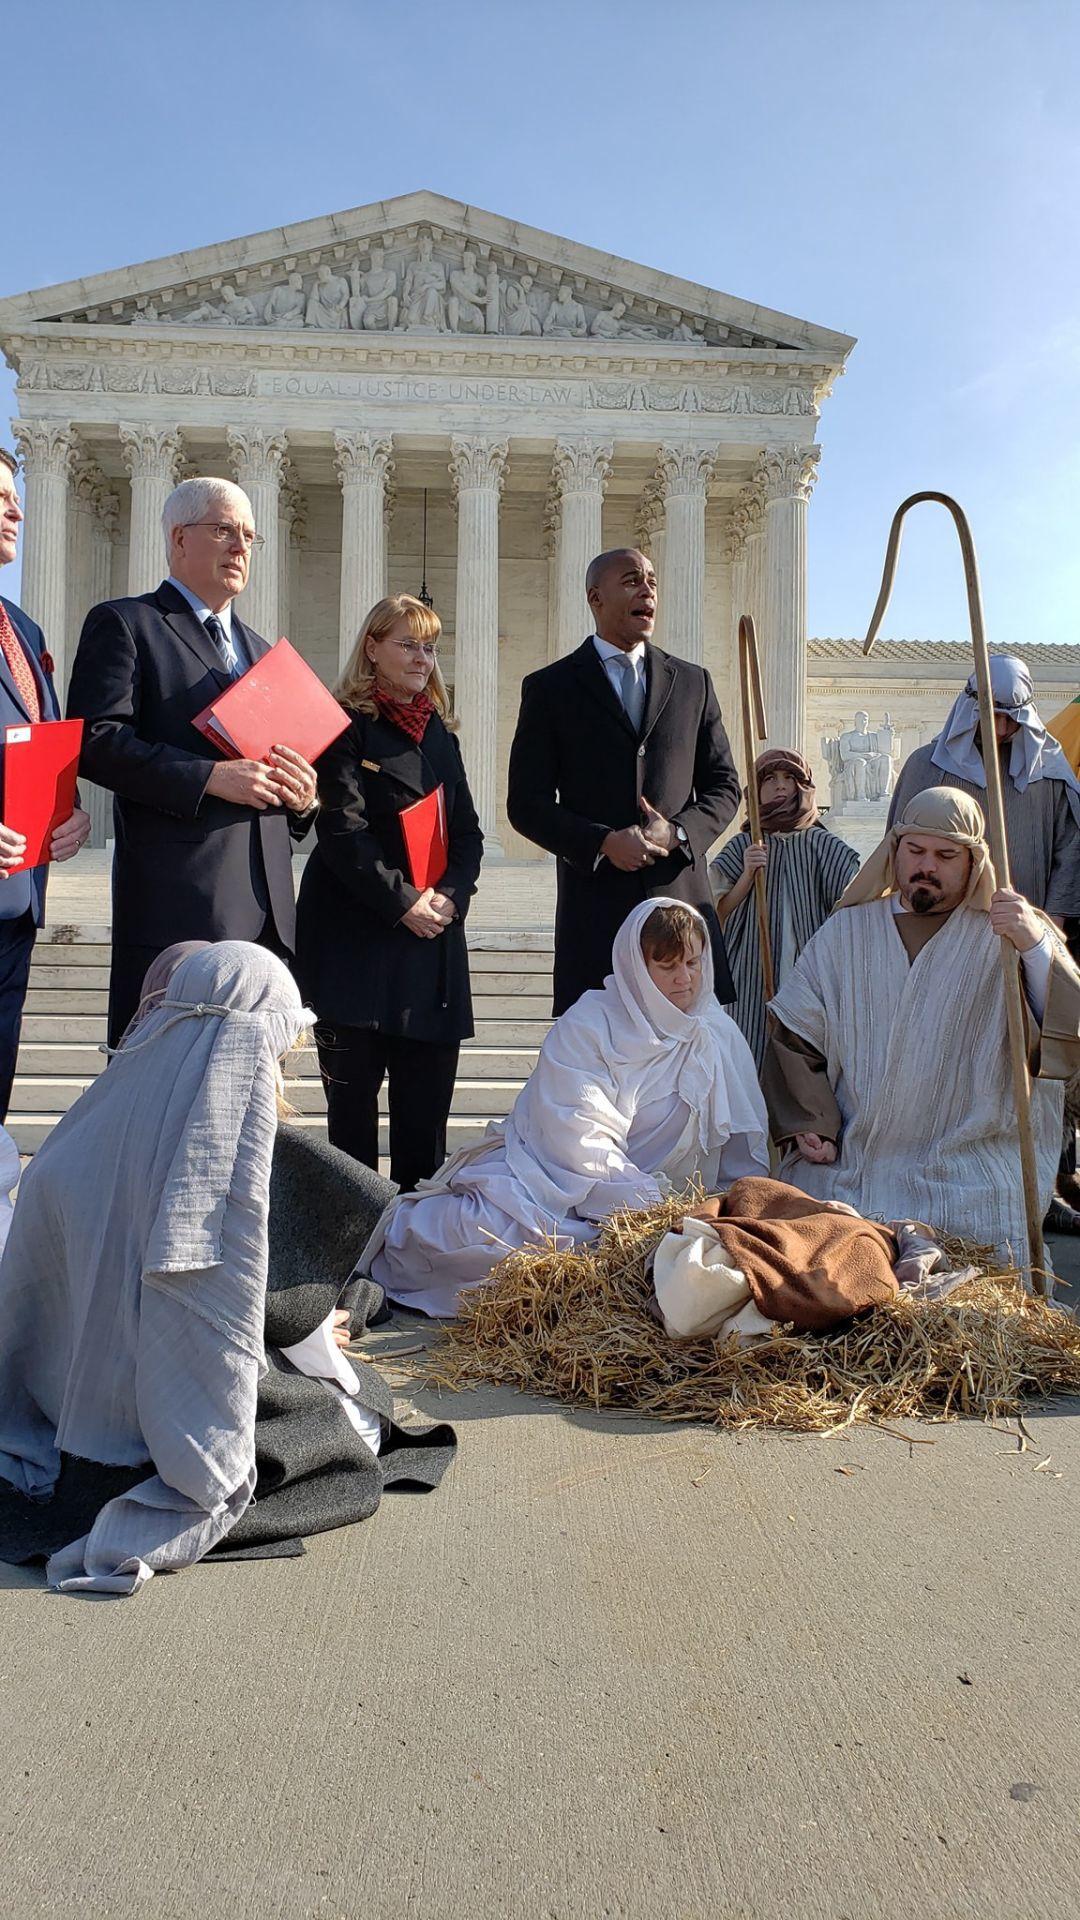 D.C. Nativity scene